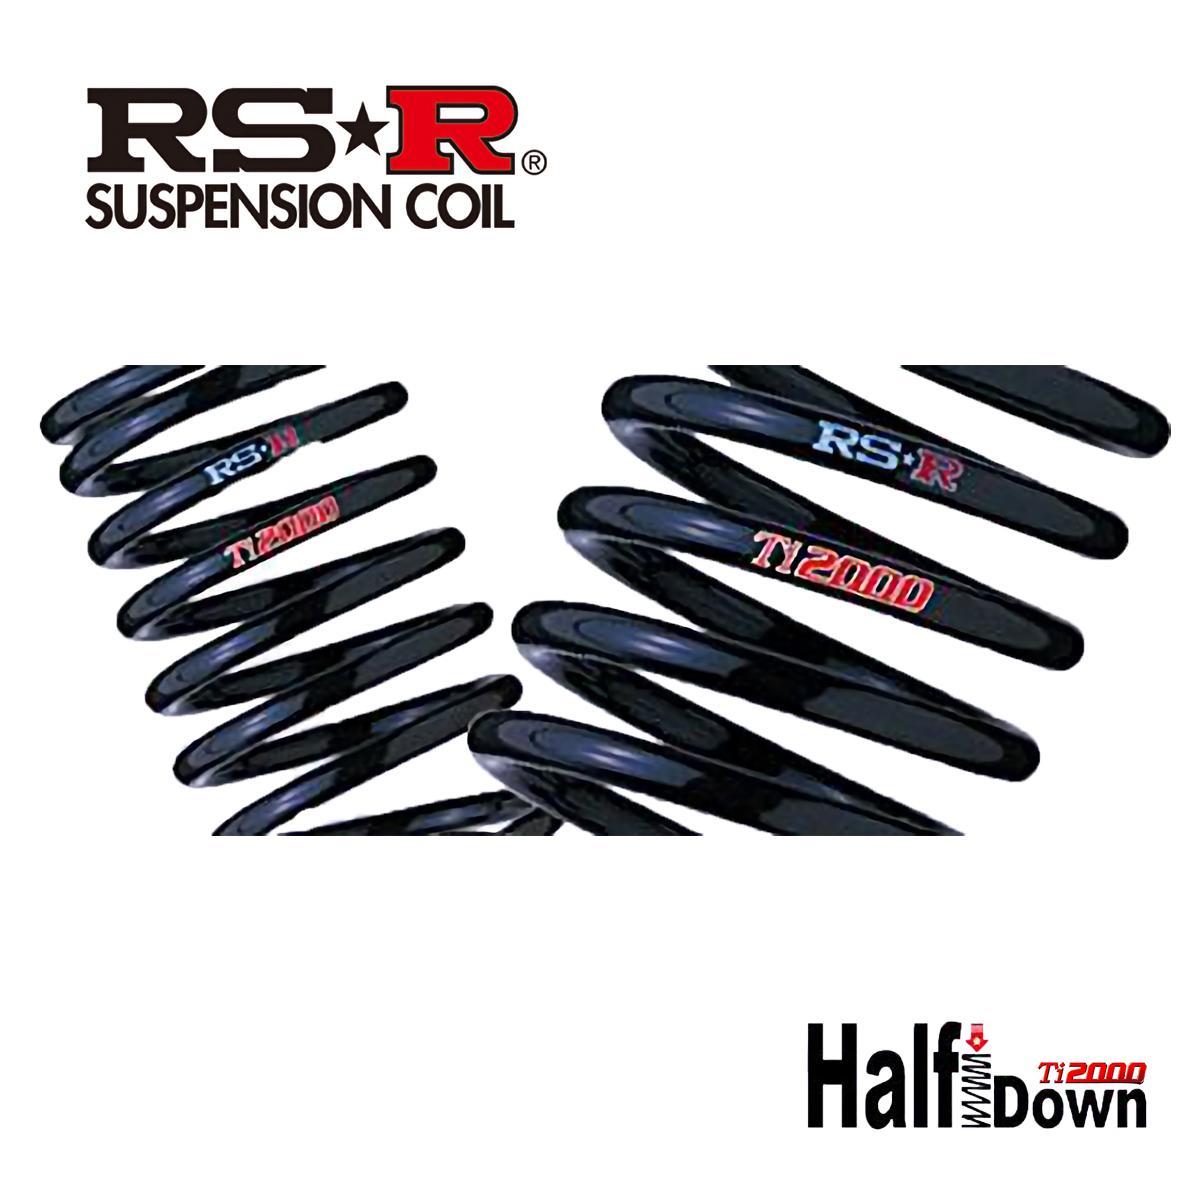 RS-R C-HR NGX10 G-T ダウンサス スプリング 1台分 T387THD Ti2000 ハーフダウン RSR 個人宅発送追金有